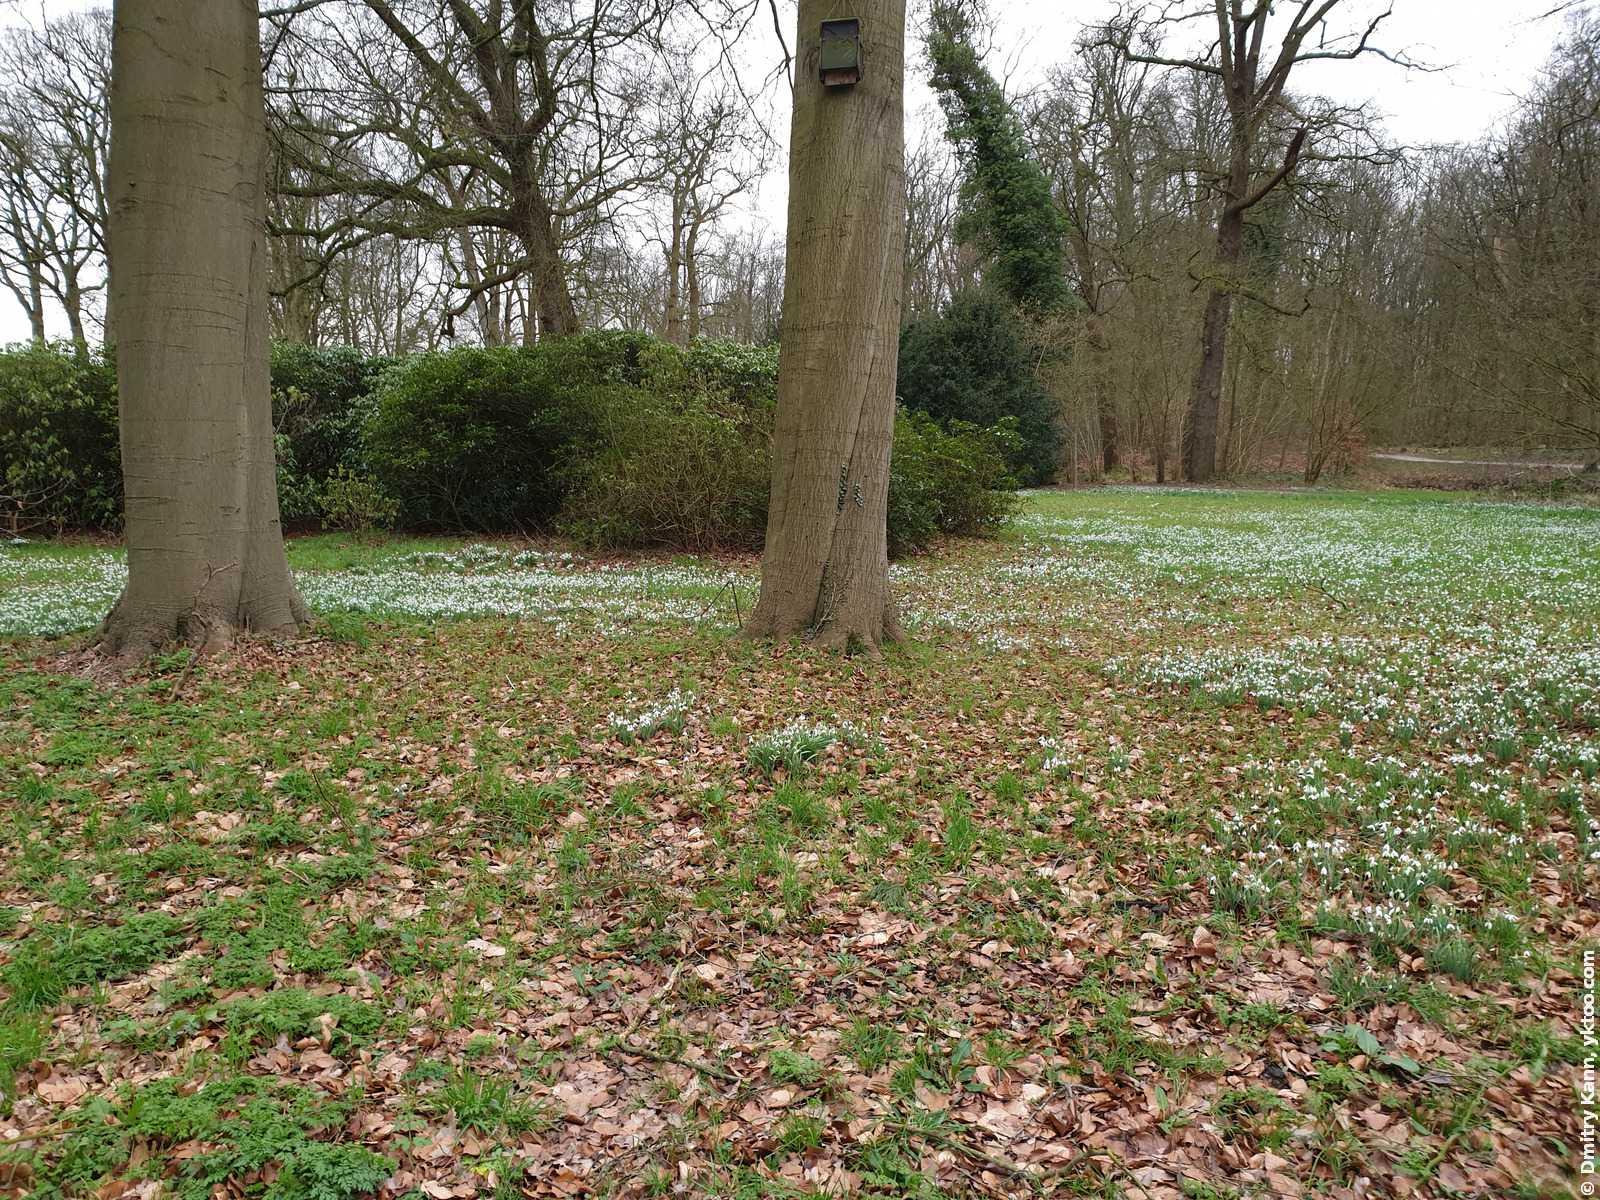 Подснежниковые поля в парке Amelisweerd.